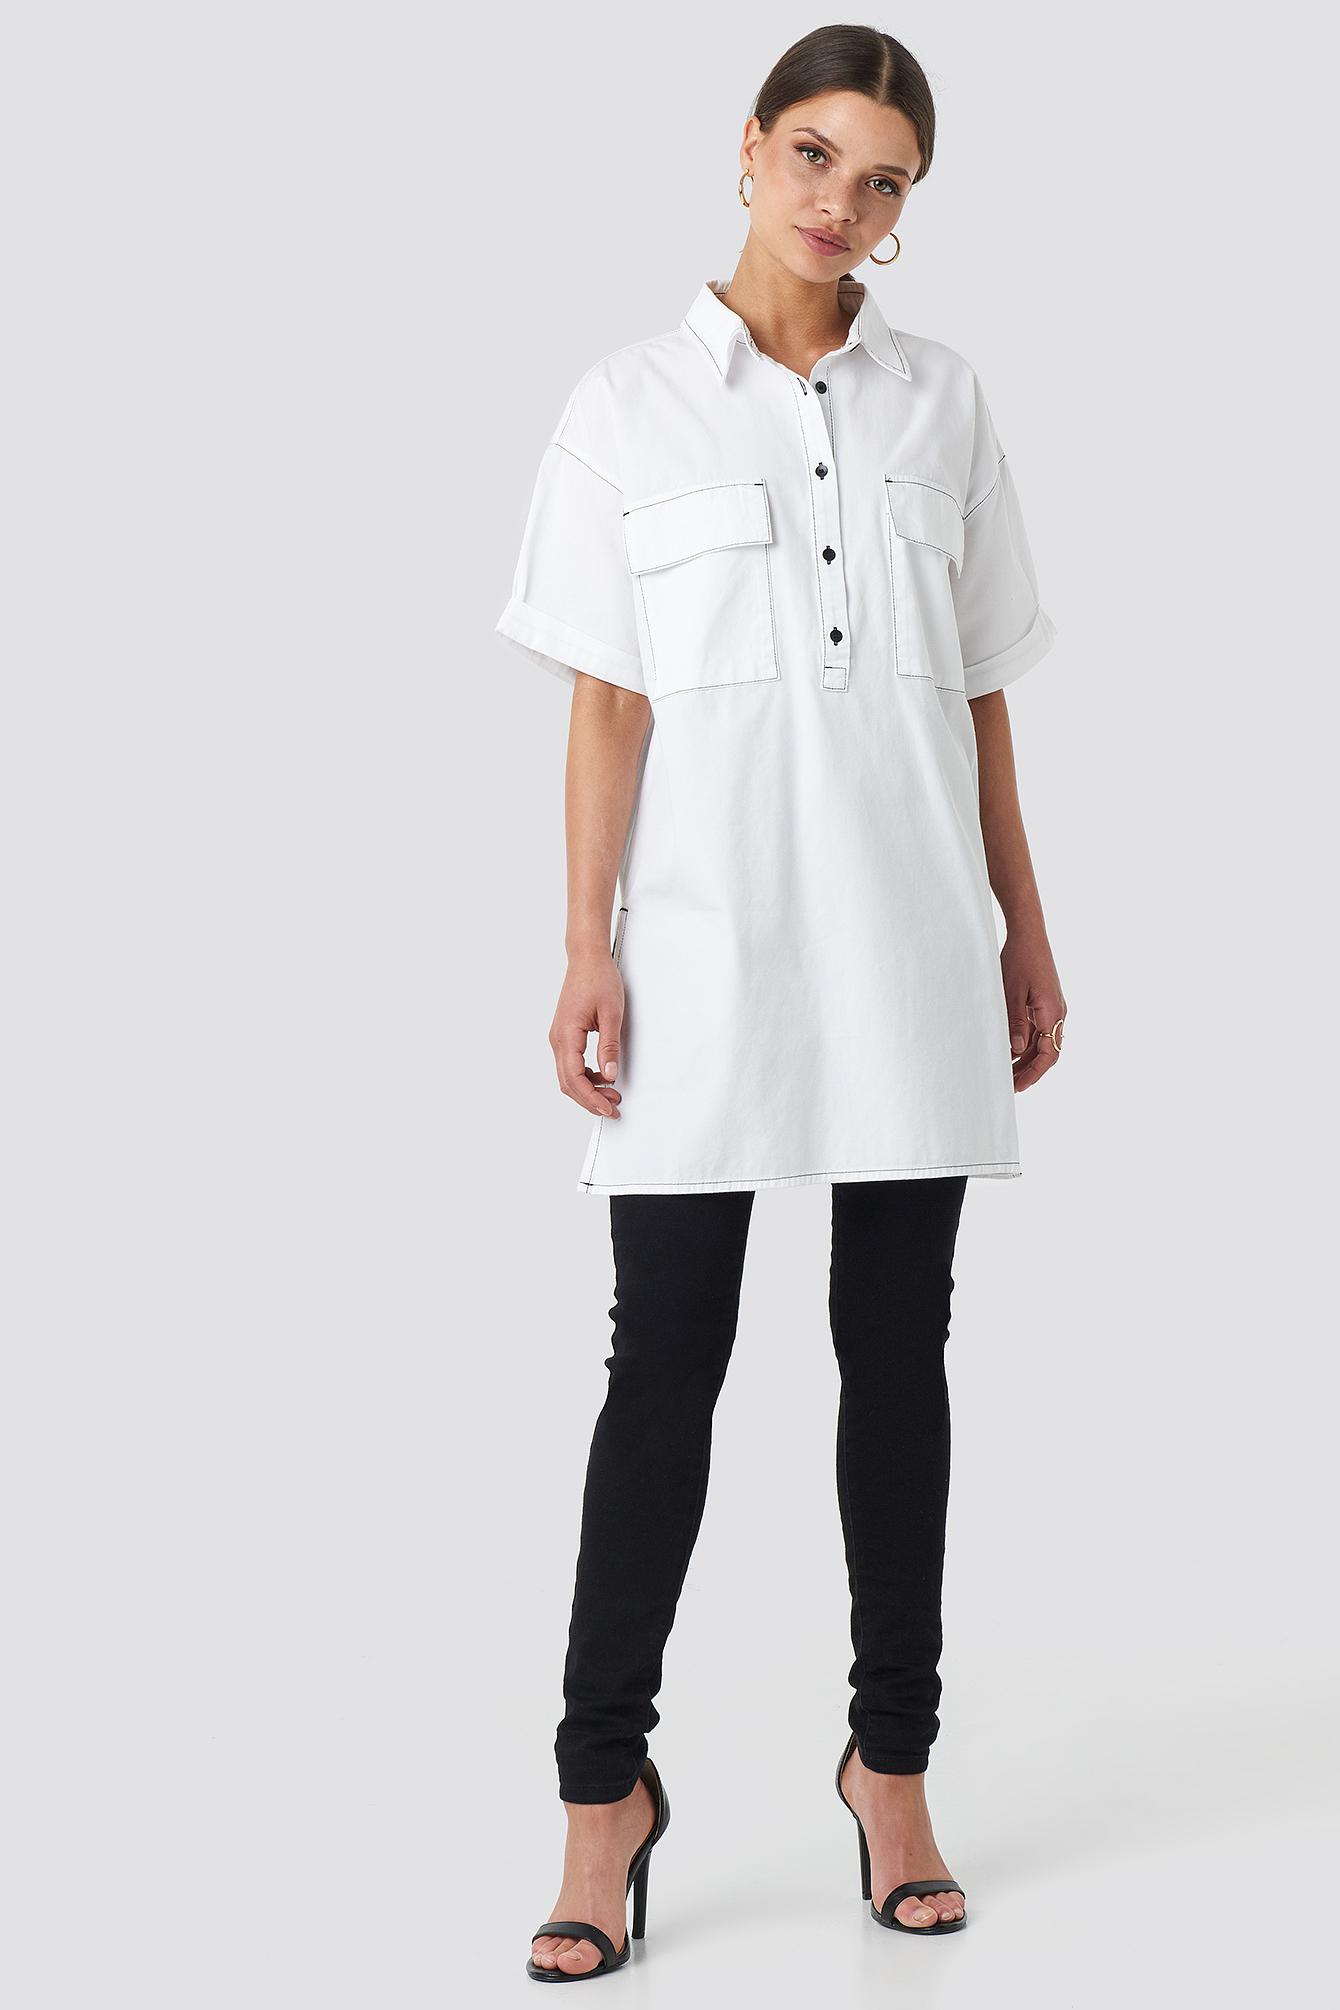 Patch Pocket Oversized Shirt NA-KD.COM